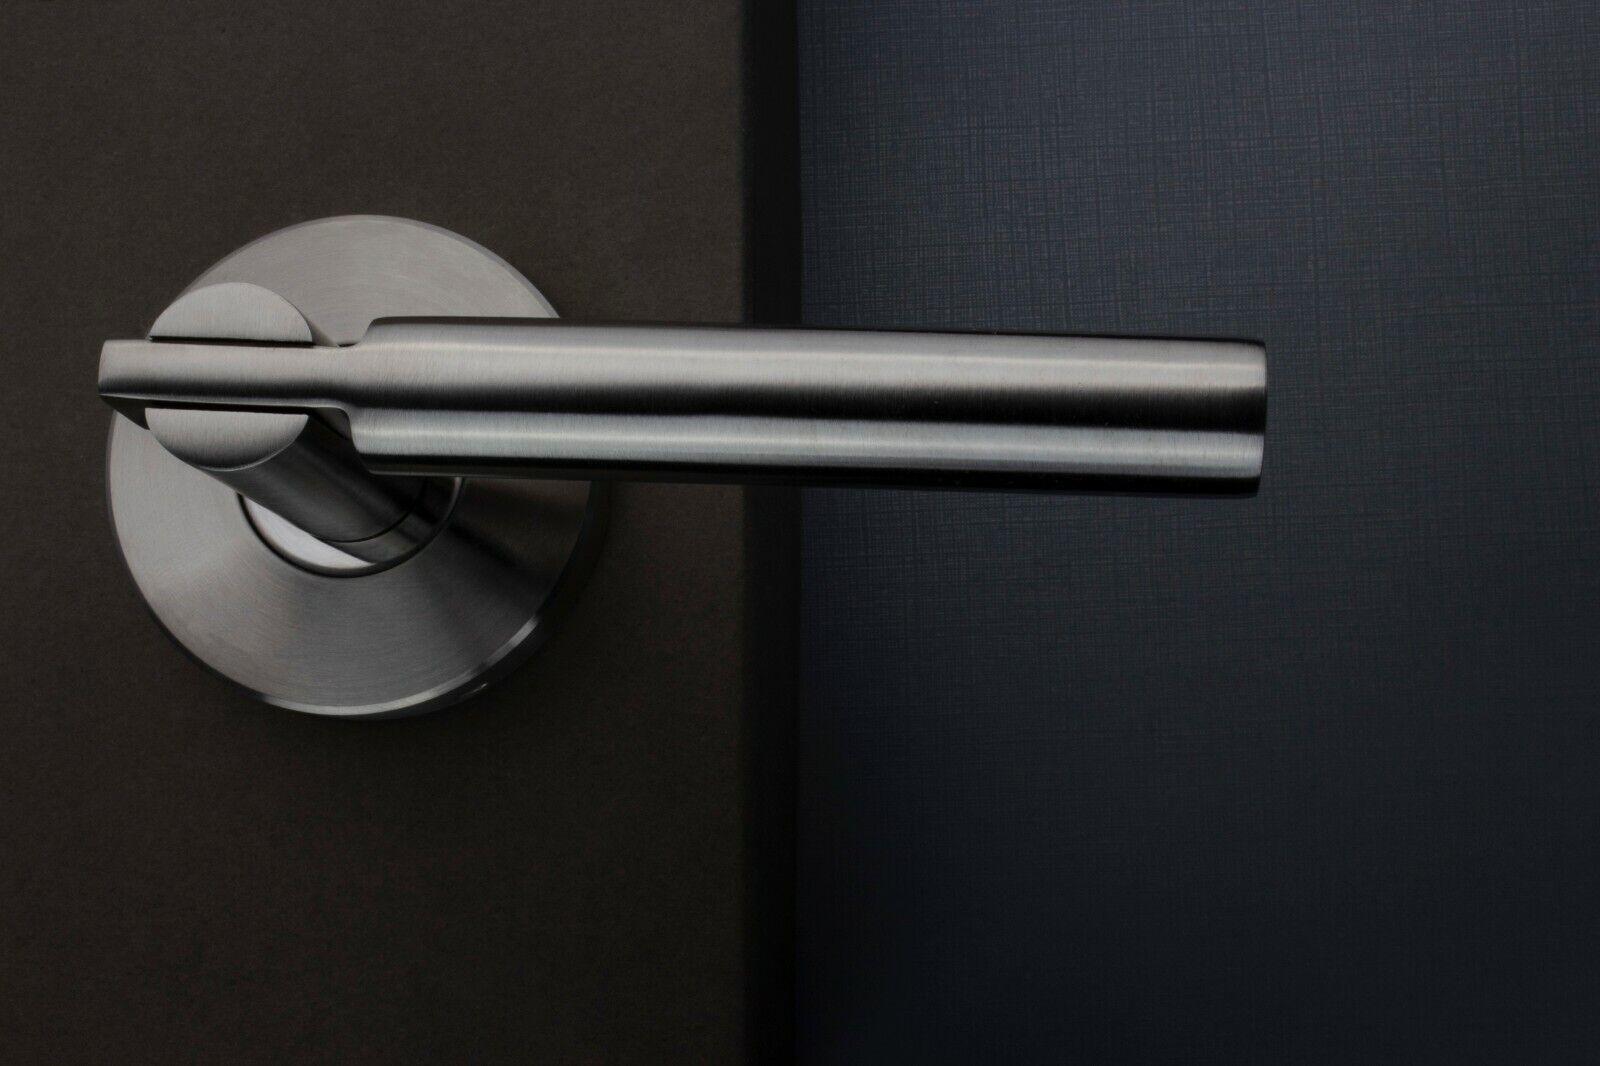 Saturn Modern Door Lever,Door Handle,Privacy,Passage,Dummy,